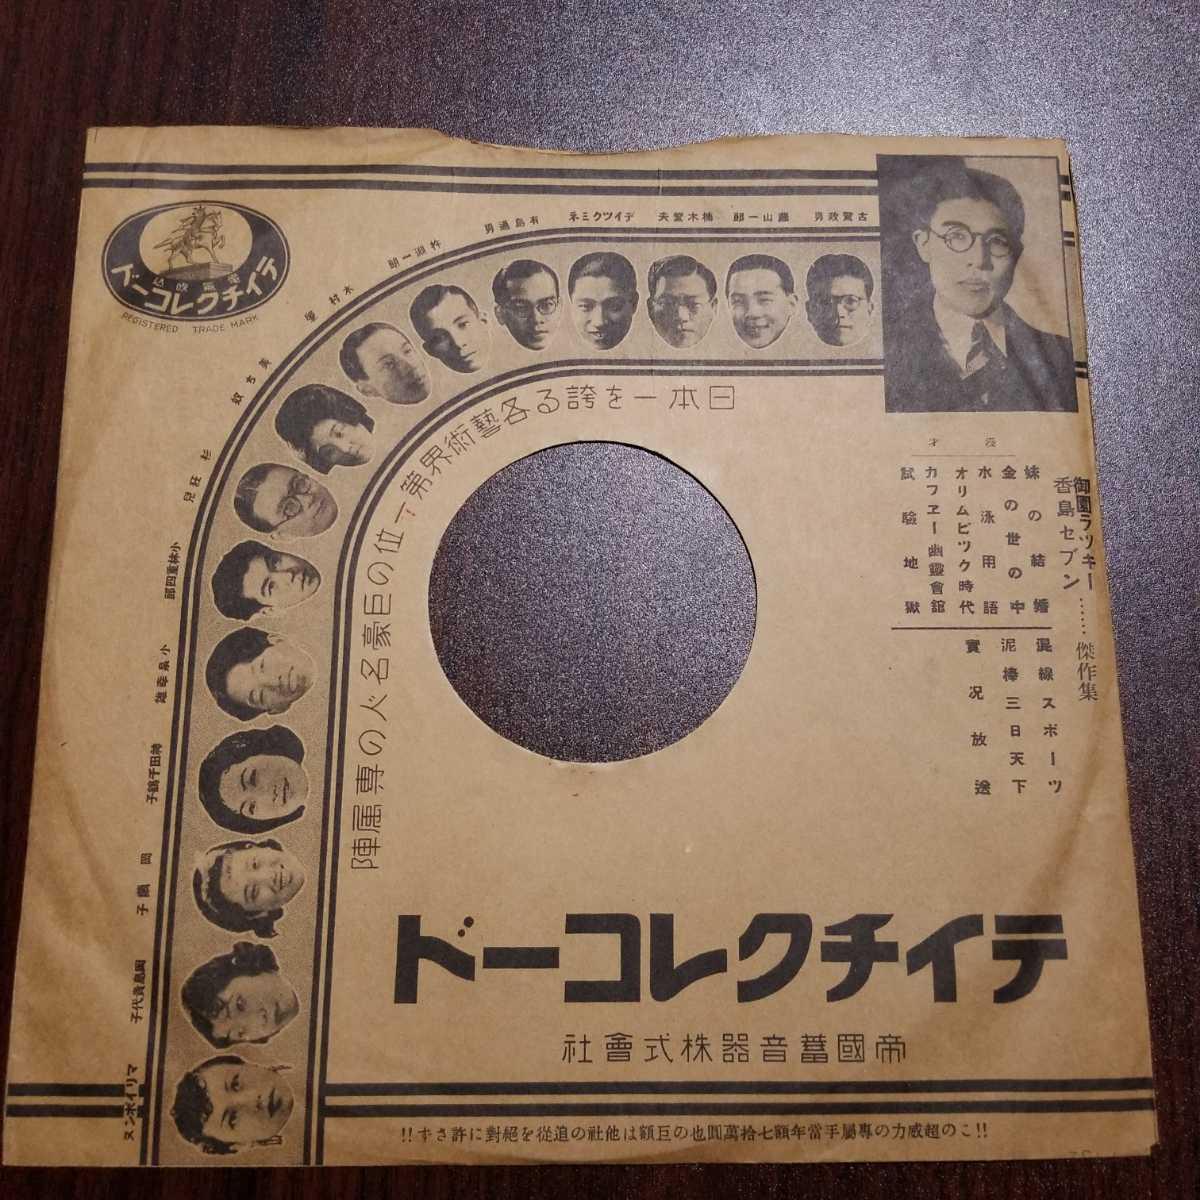 流行歌 輝く春 松平晃 ※ あの山越えて ミス・コロムビア 蓄音機SPレコード盤10インチ(25cm) (16_画像8